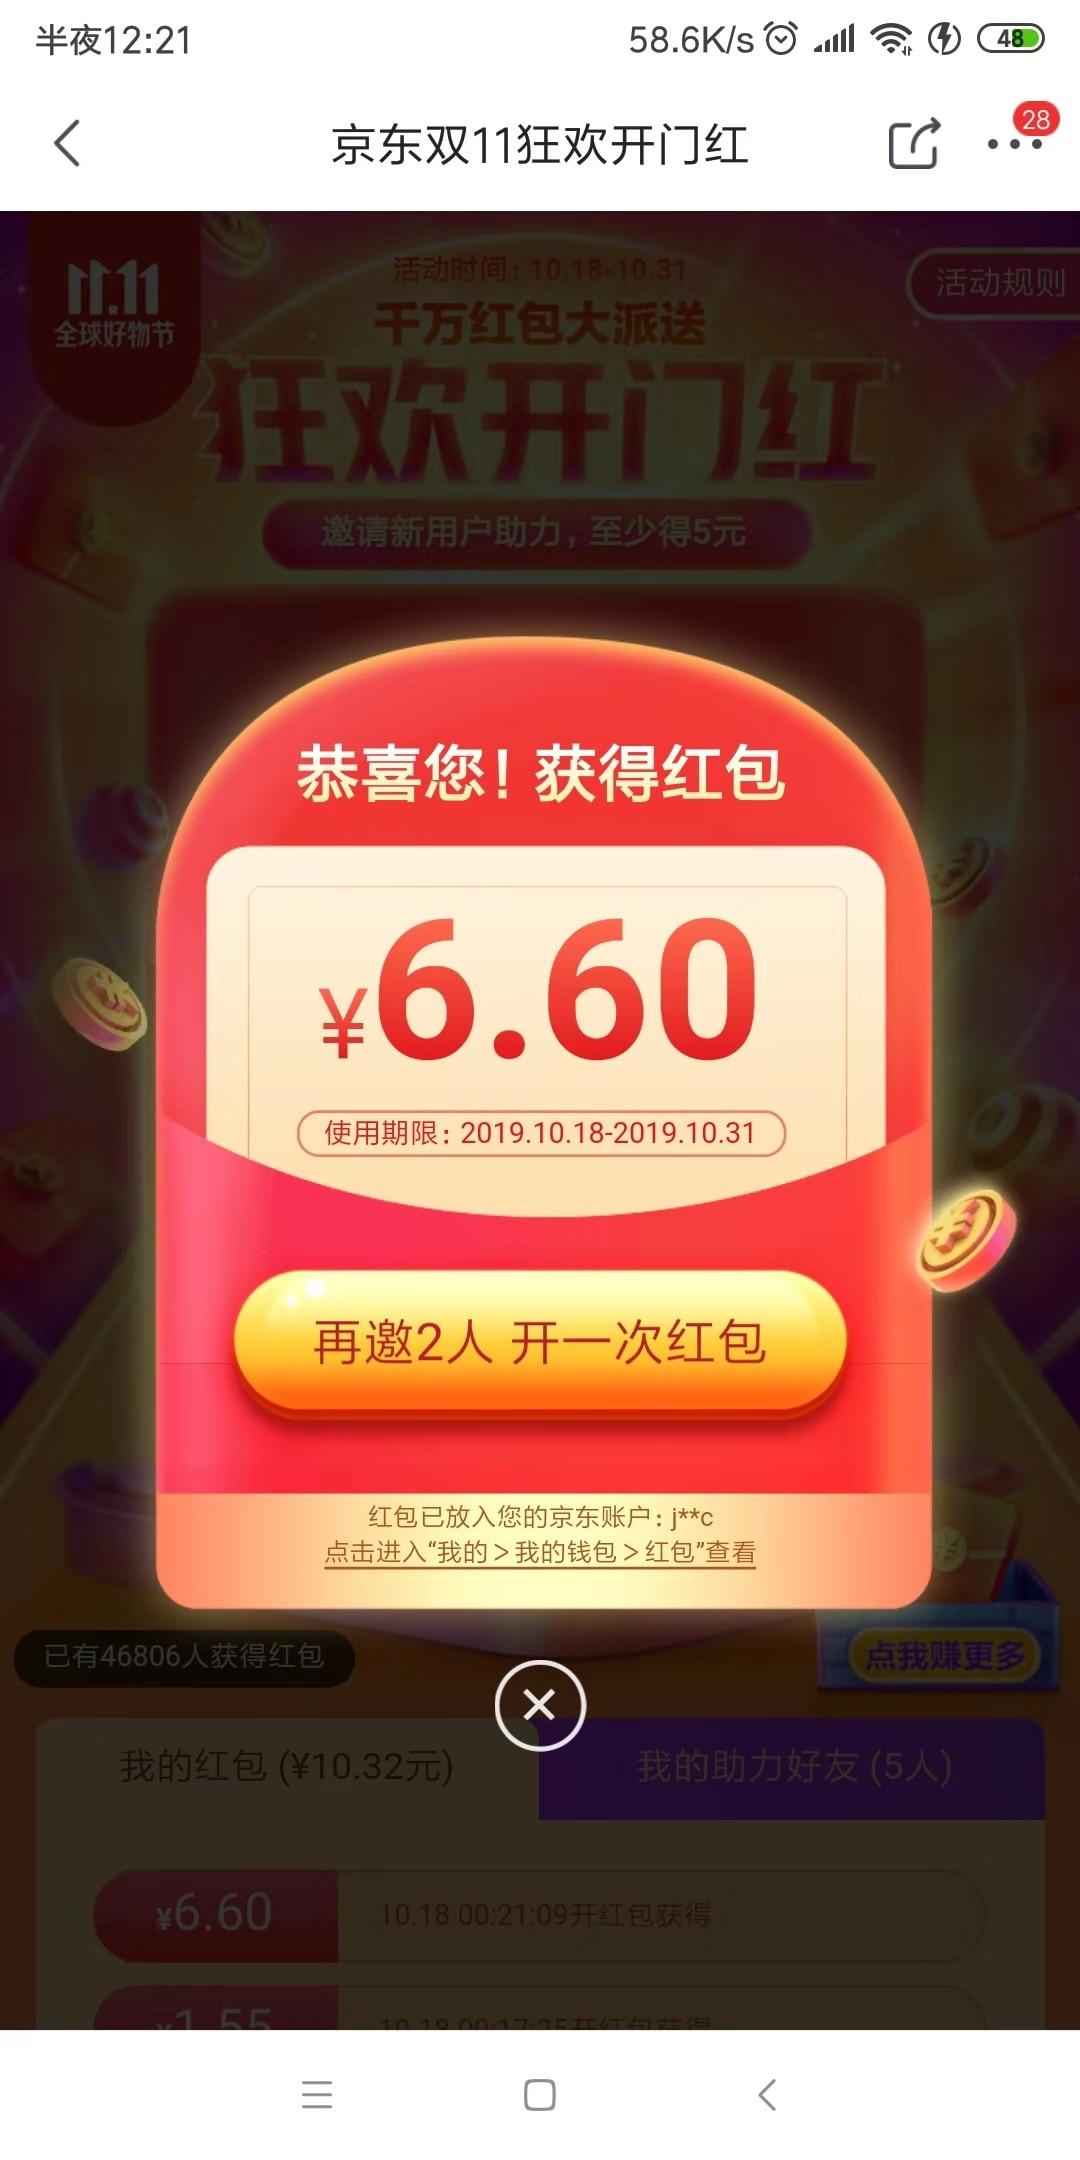 京东双十一:新老用户可领狂欢开门红包,最高4999元,可互拆红包  互拆进微信群插图(2)